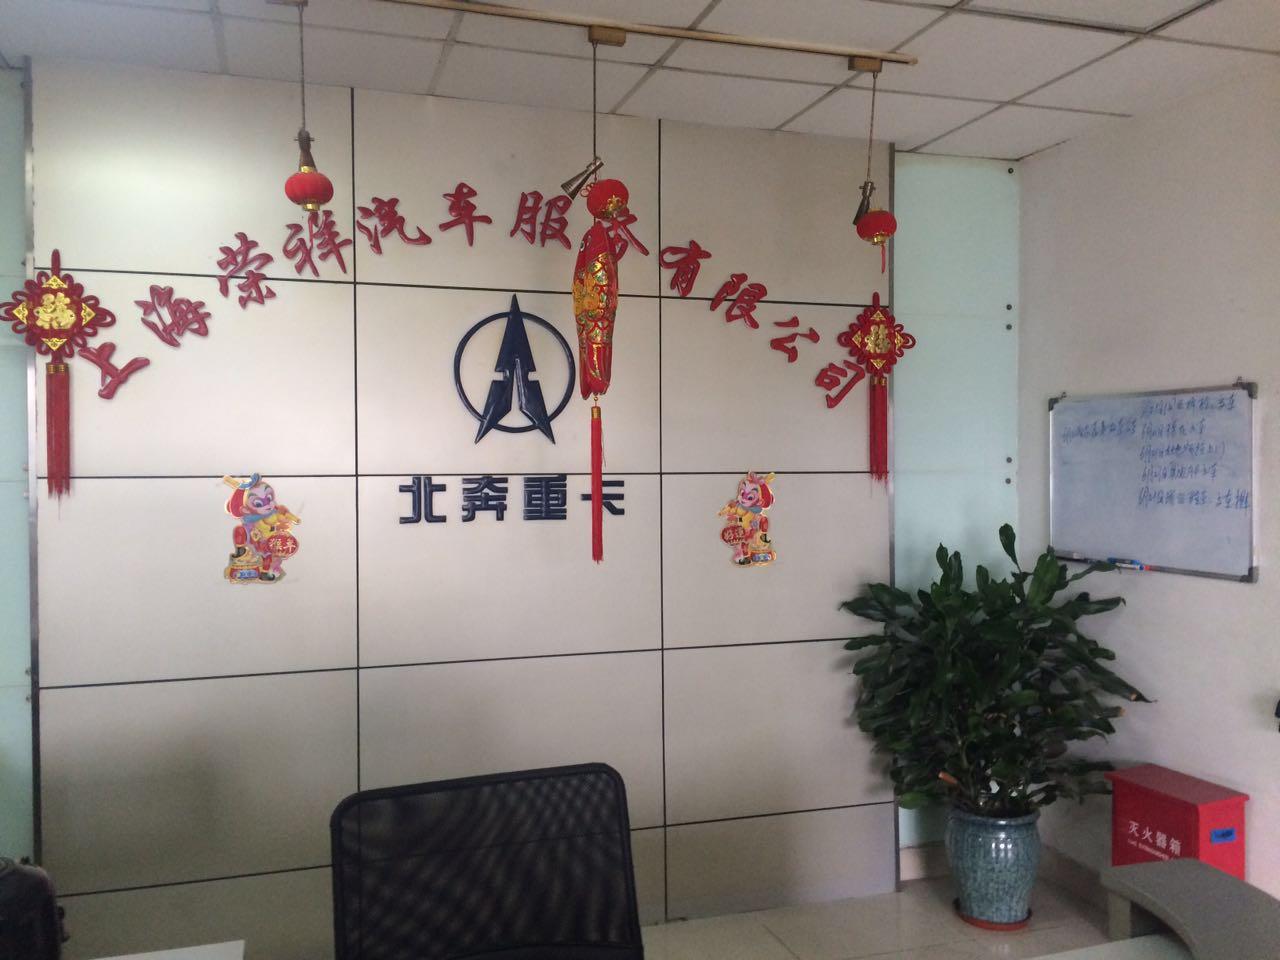 上海荣祥汽车销售服务有限公司